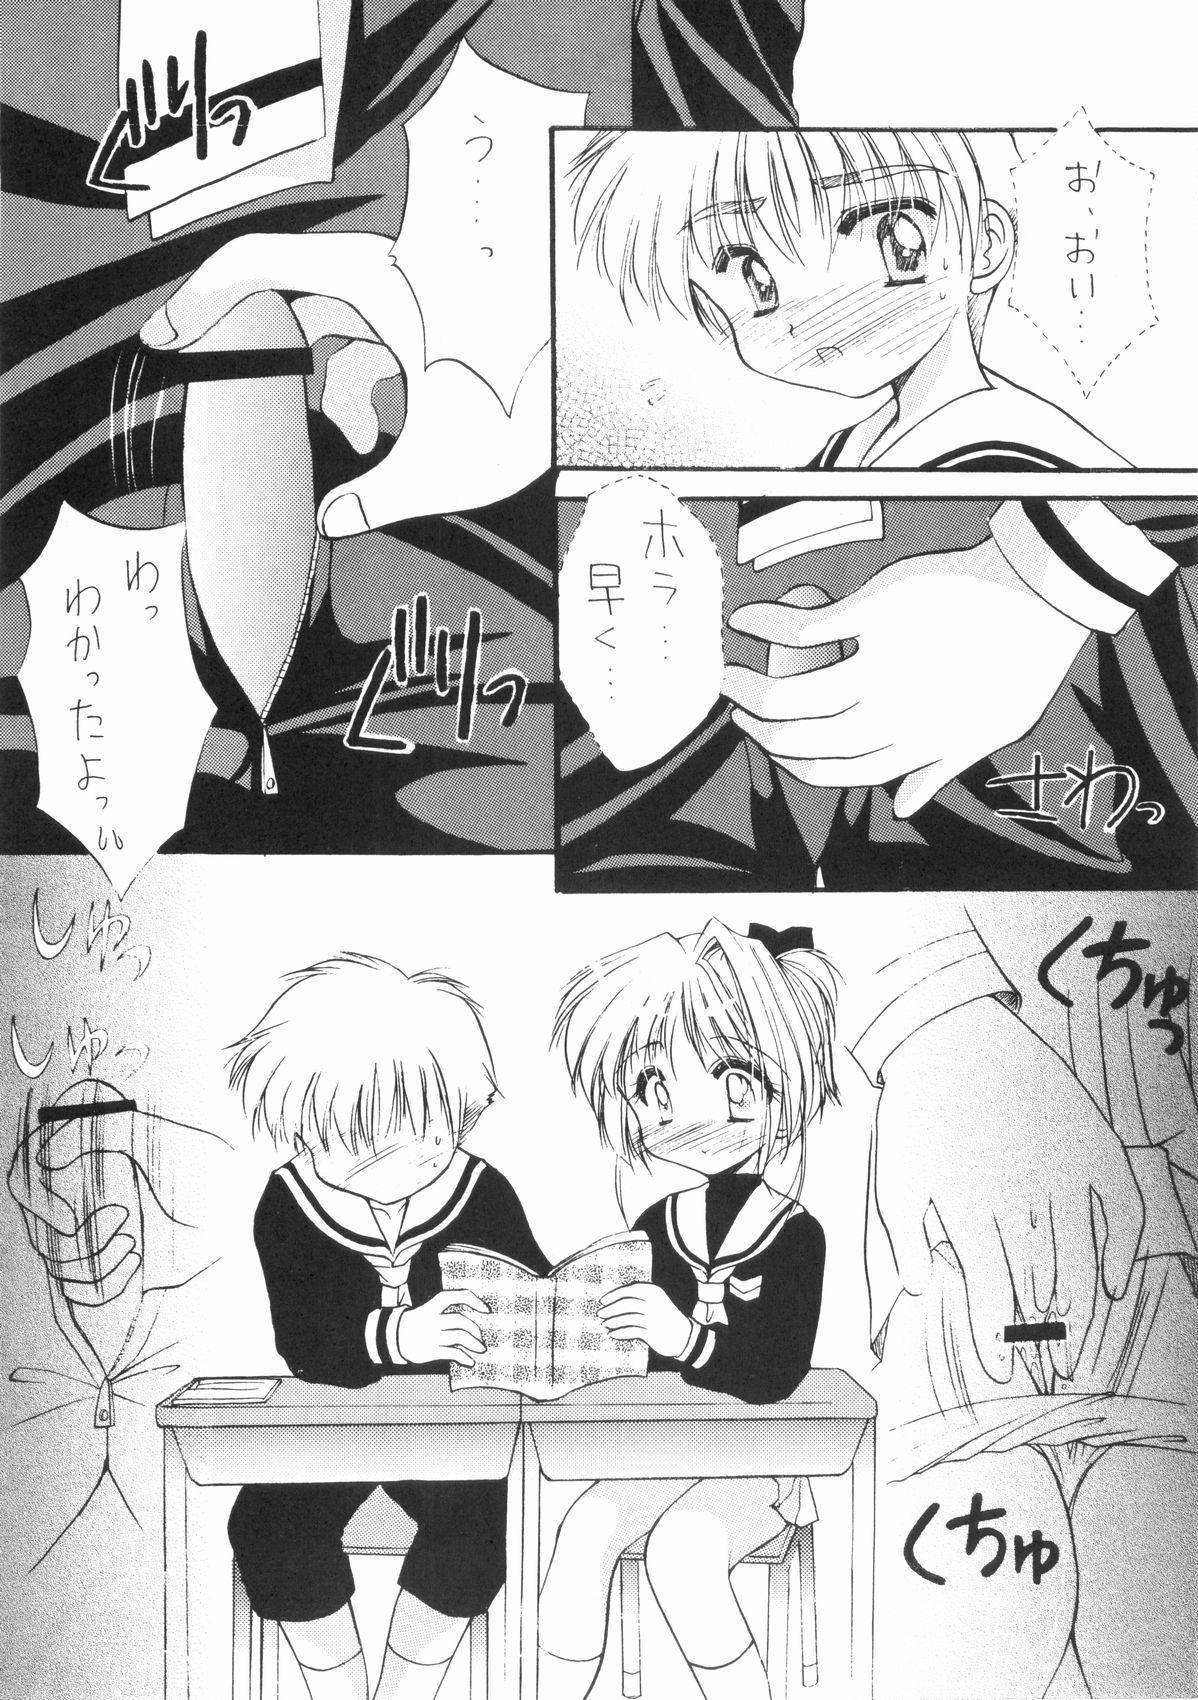 Sakura Enikki 13